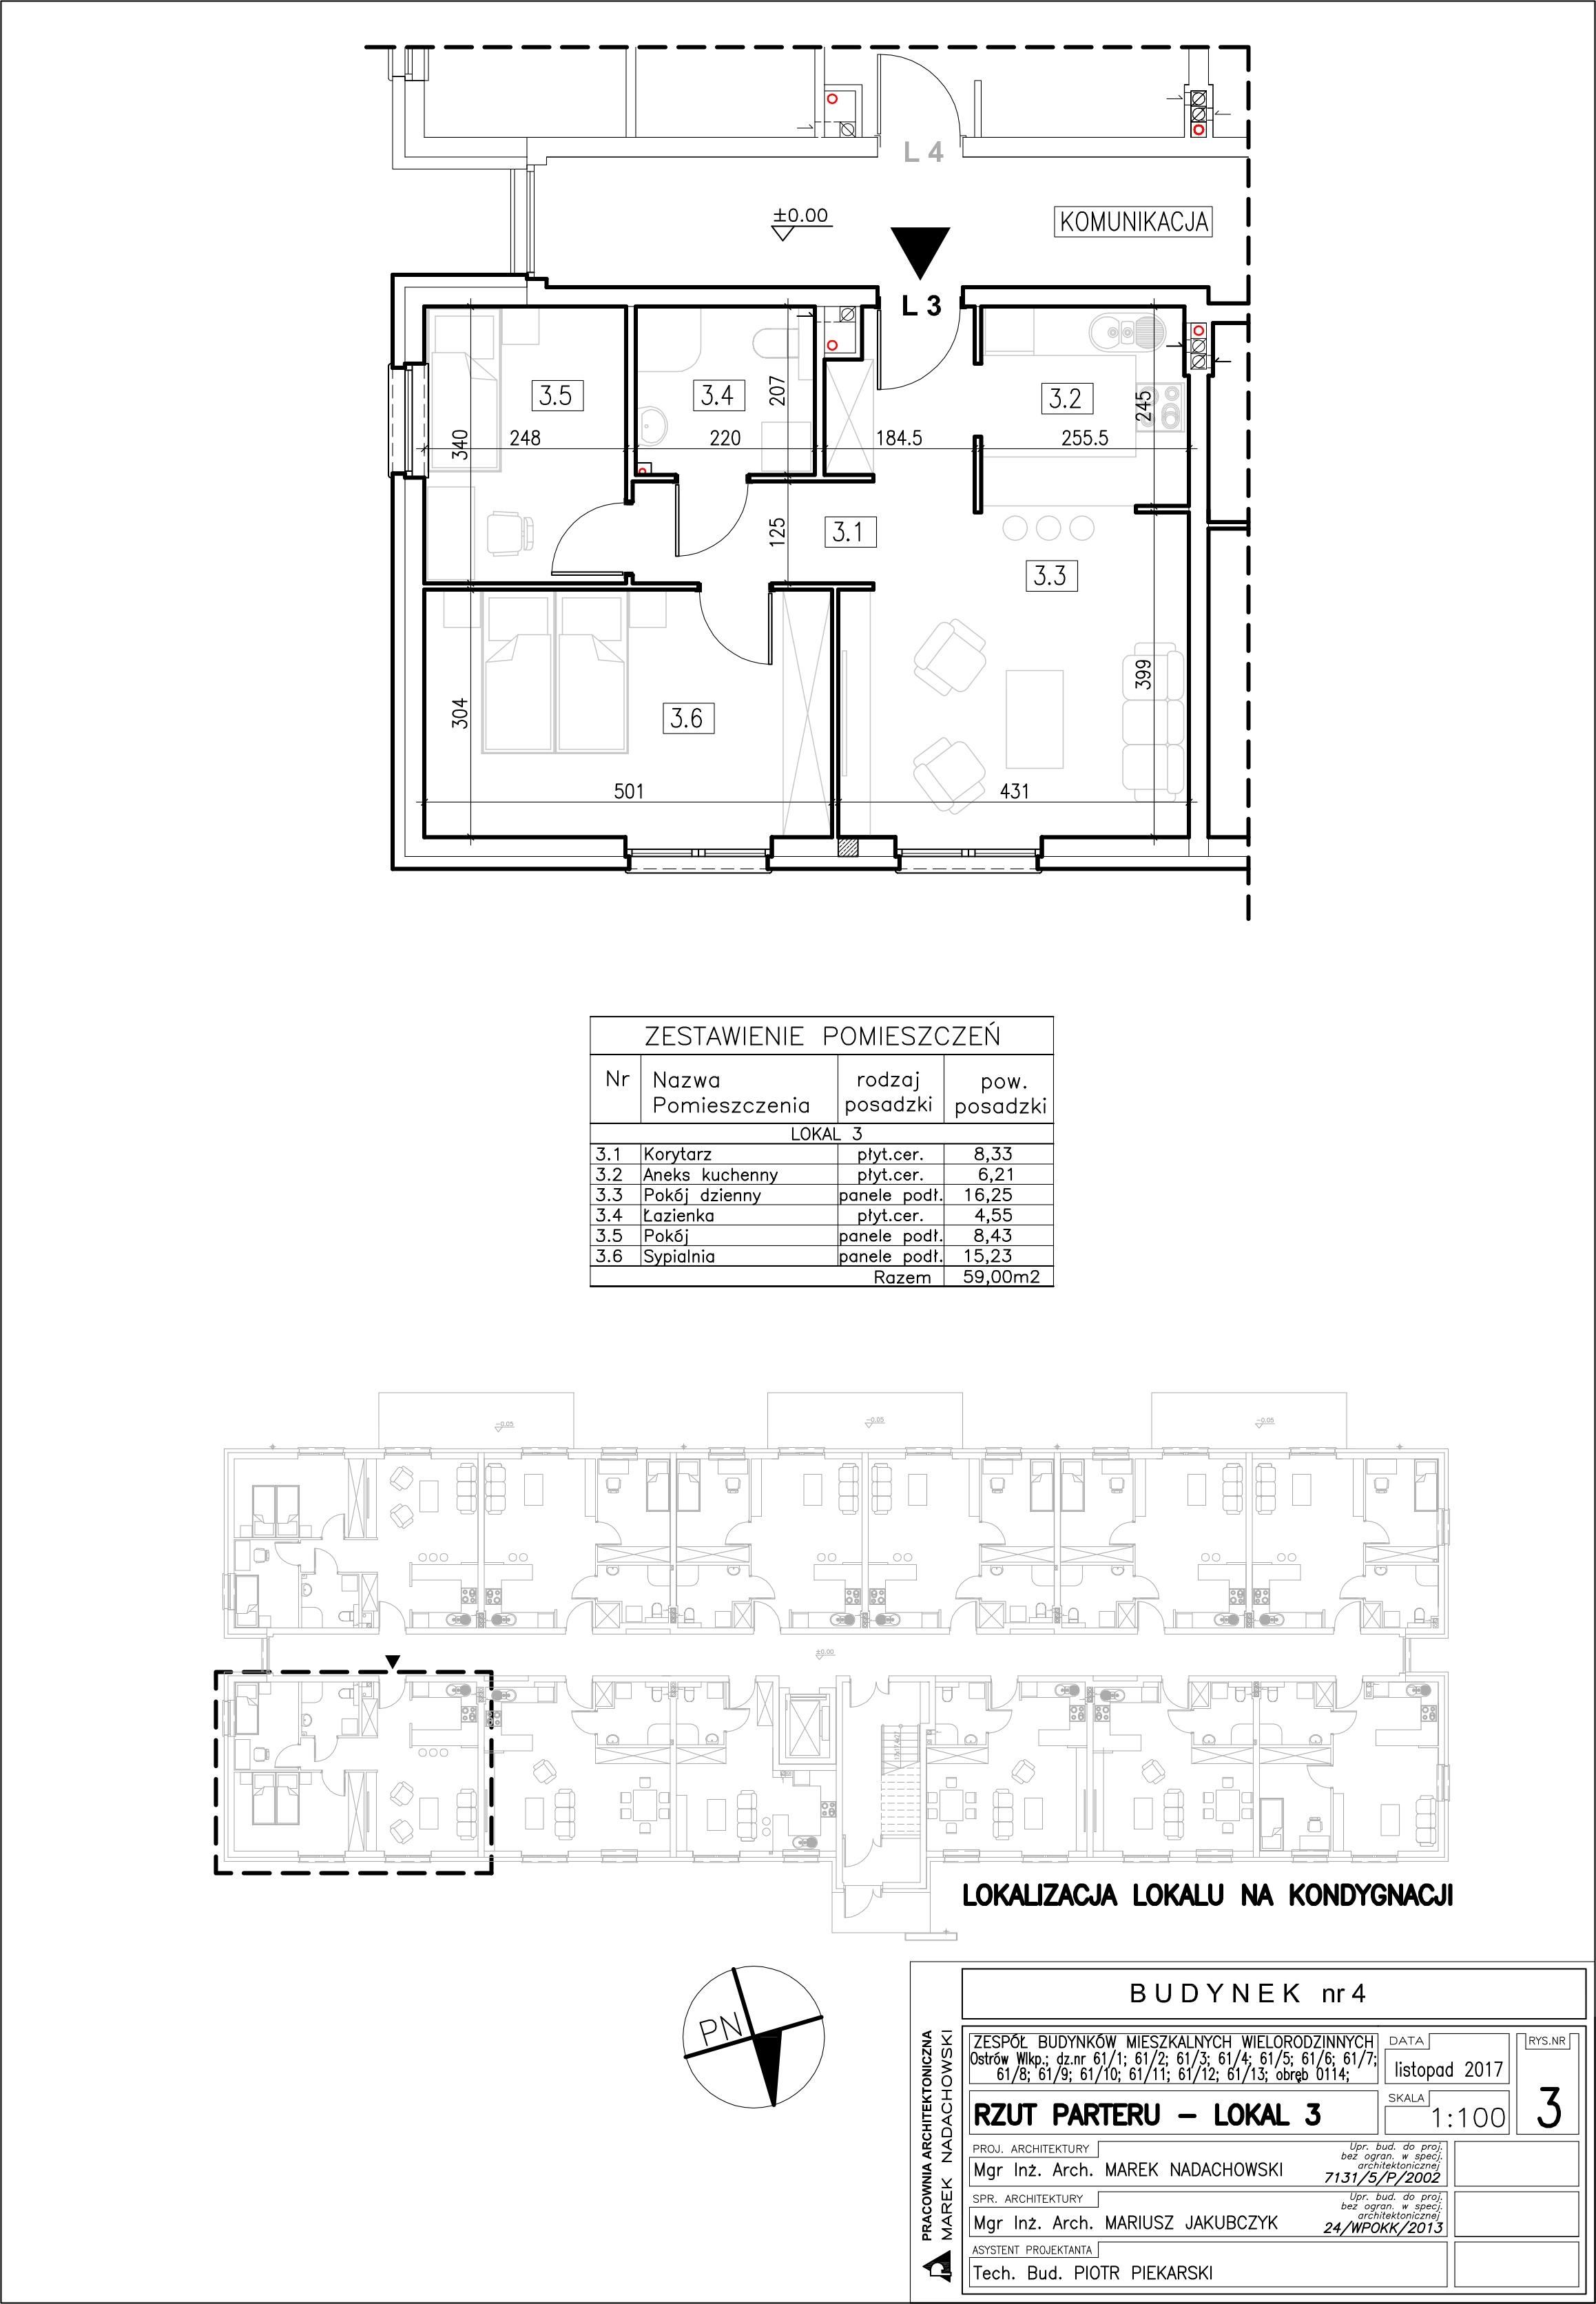 Lokal nr 3 Powierzchia: 59,00 m2